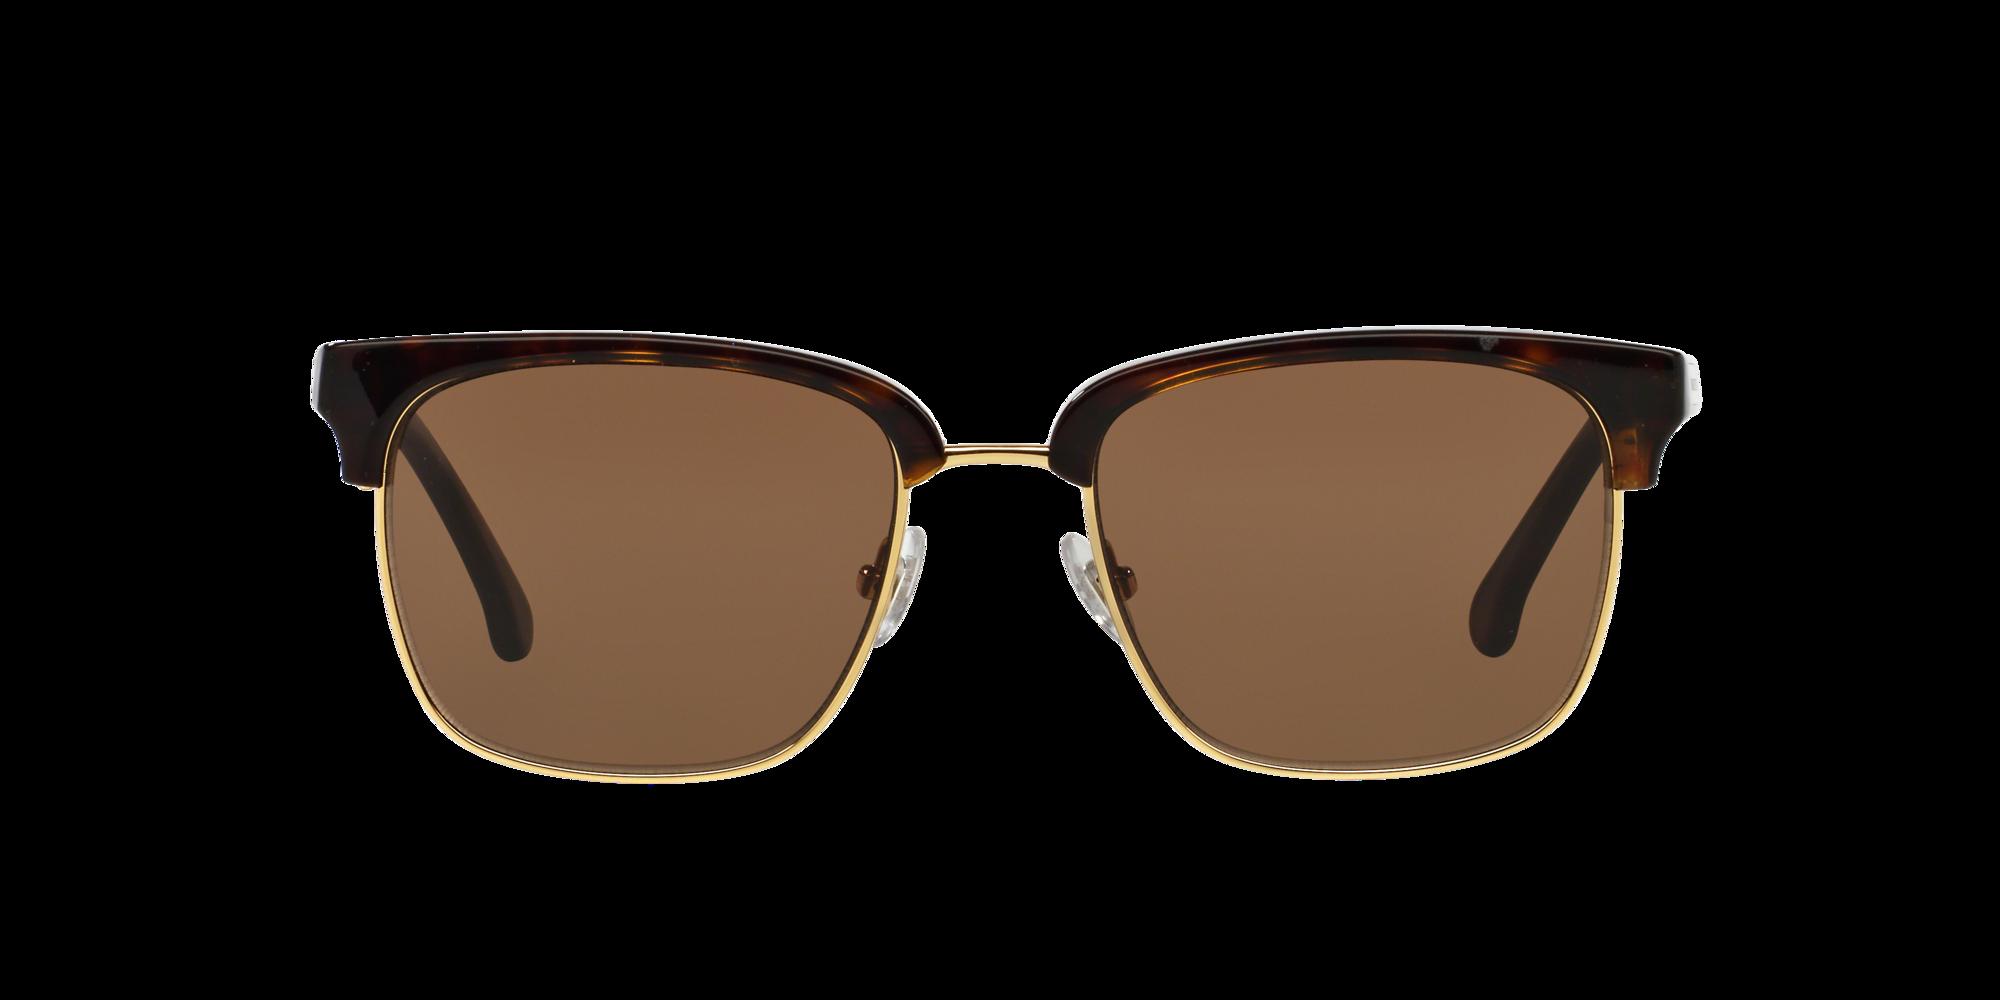 Imagen para BB4021 de LensCrafters |  Espejuelos, espejuelos graduados en línea, gafas